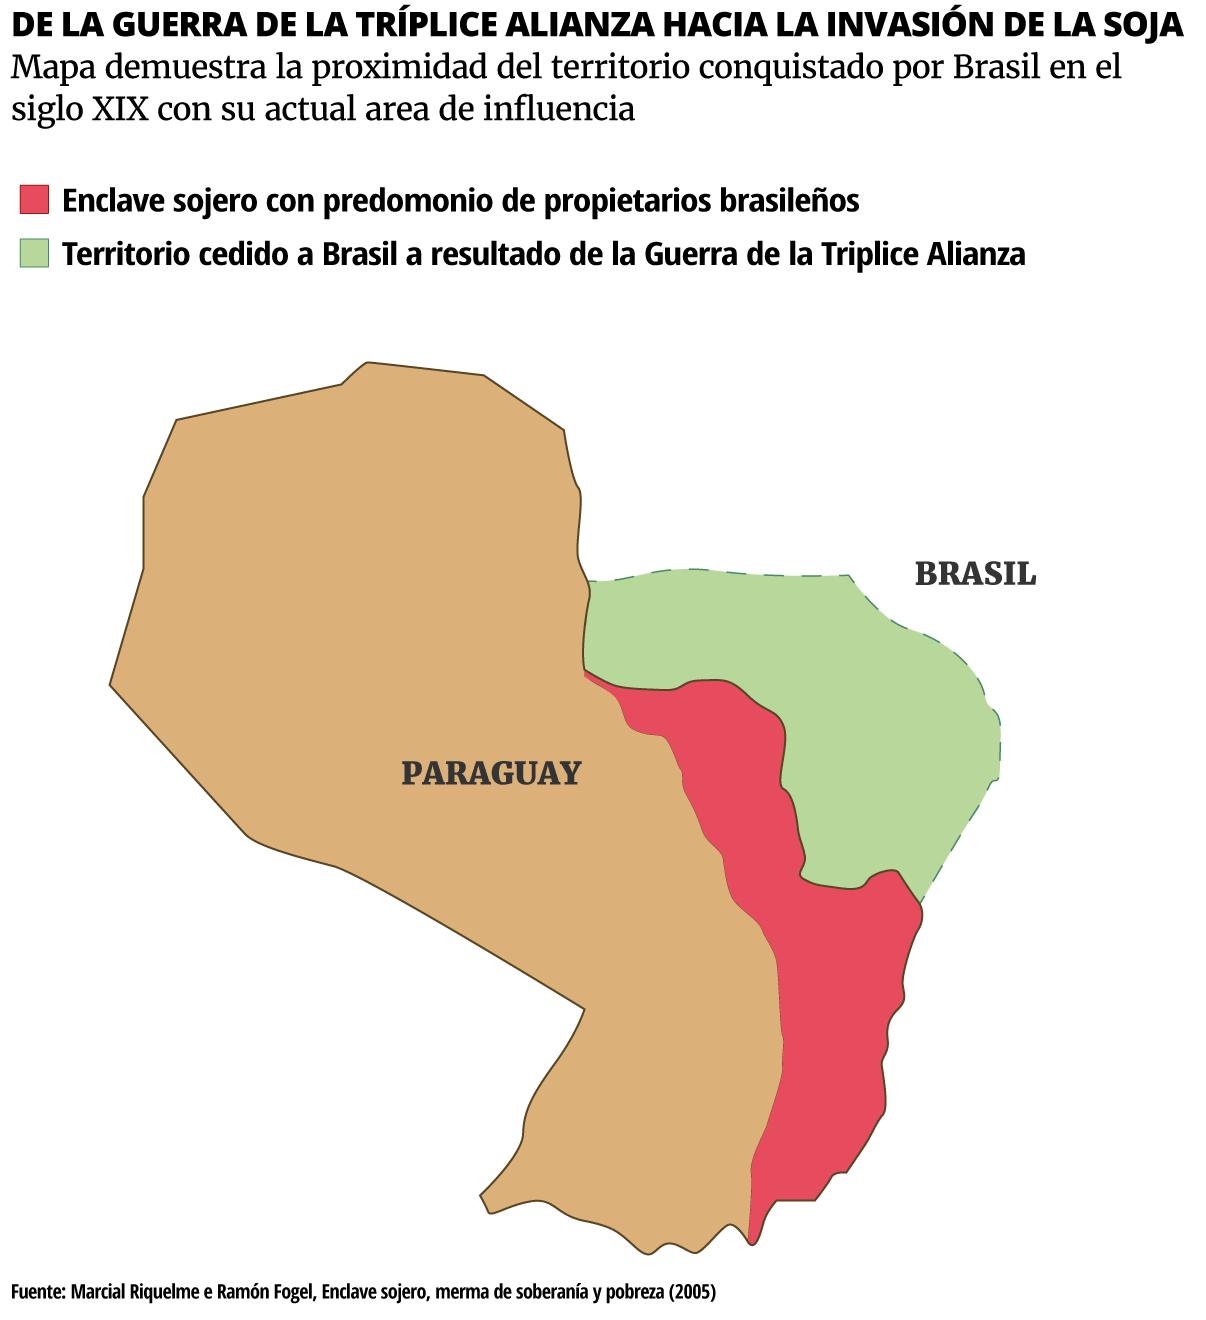 Mapa demuestra la proximidad del territorio conquistado por Brasil en el siglo XIX con su actual area de influencia